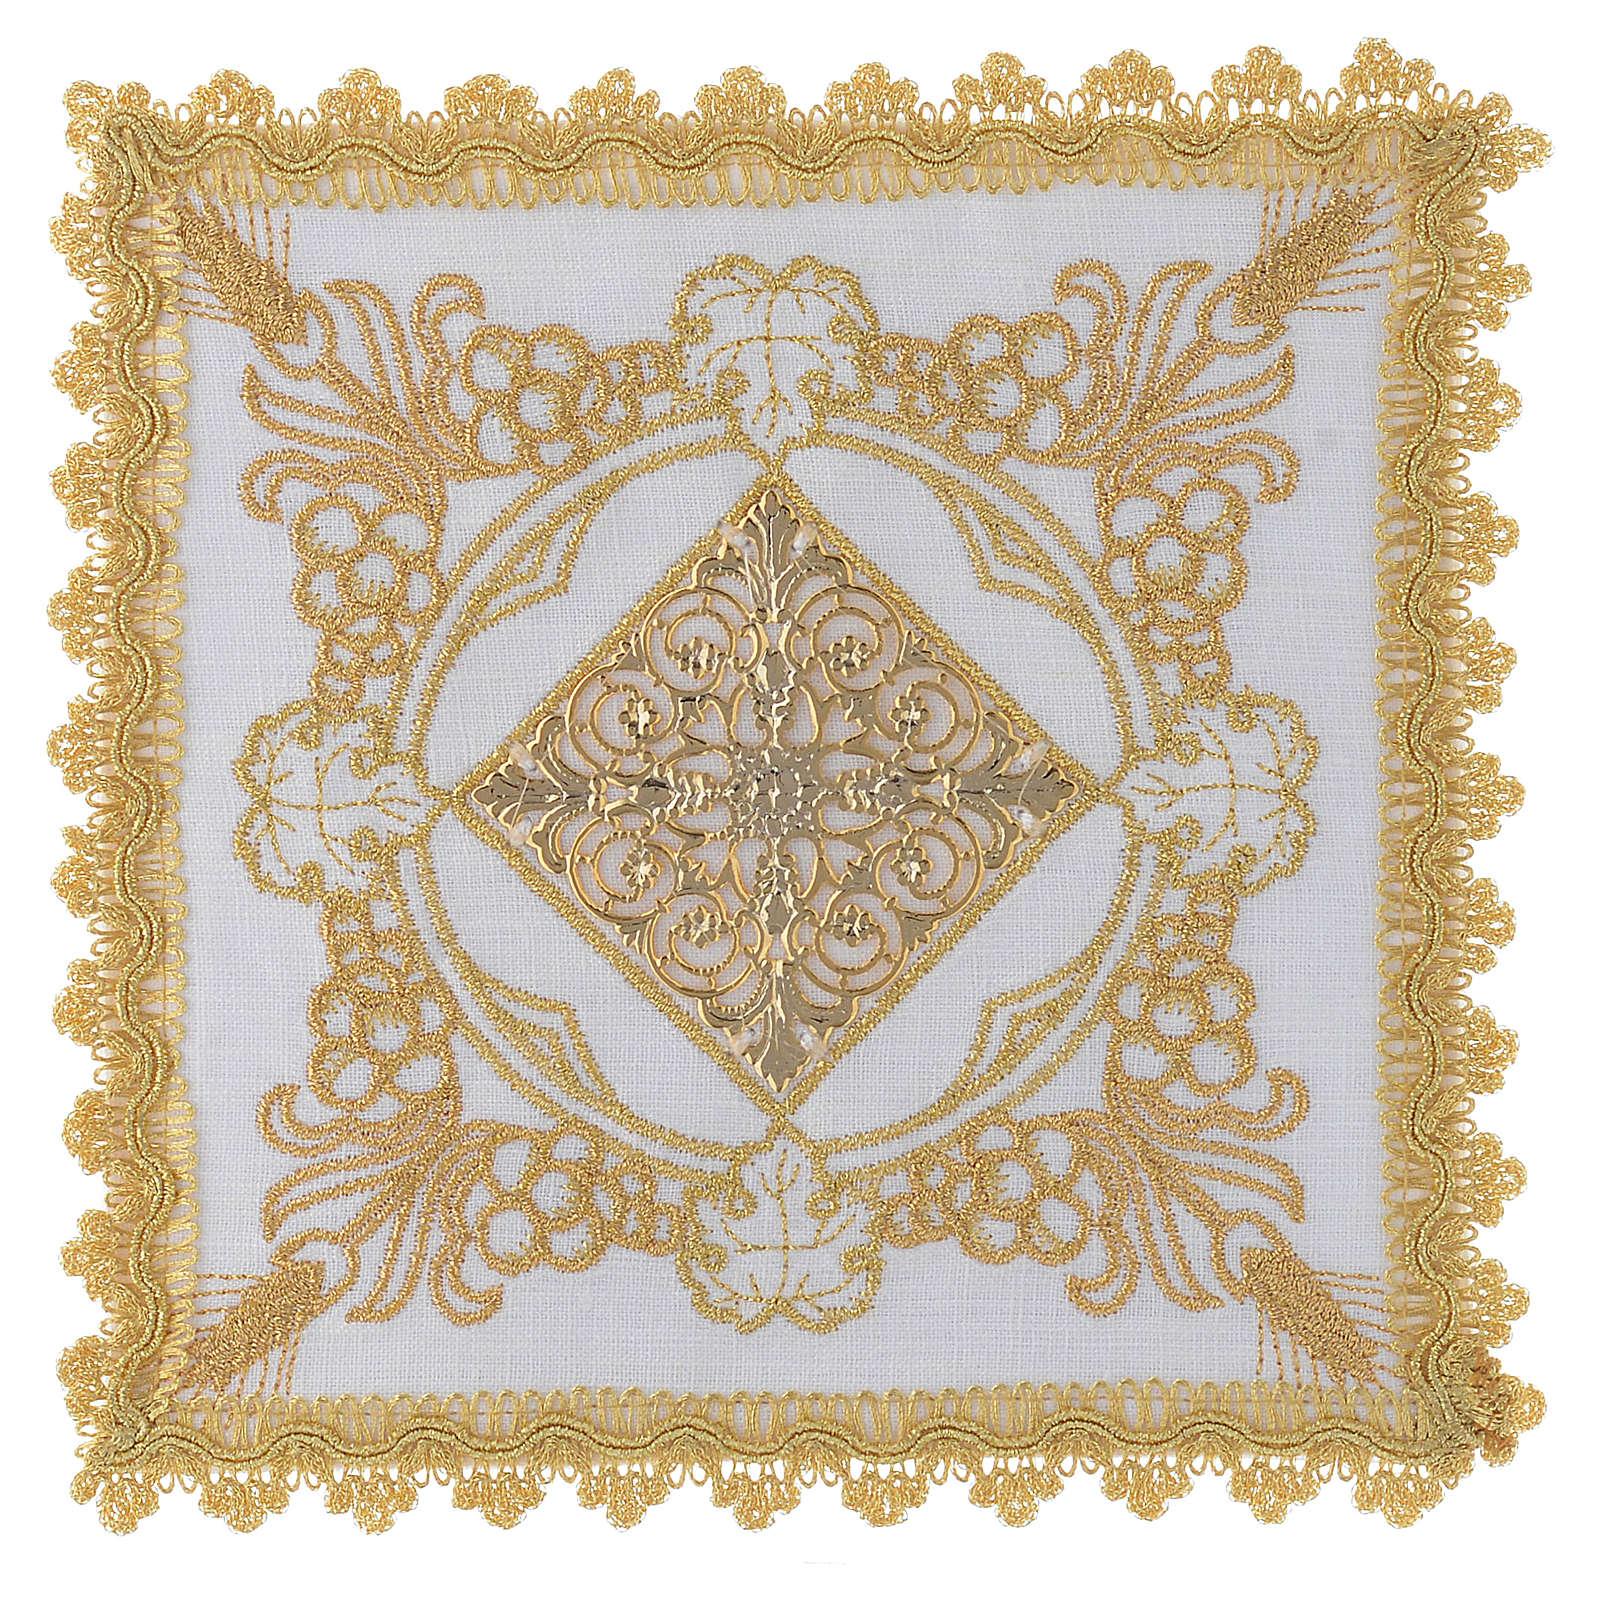 Servizio da messa con decori in oro lino 4